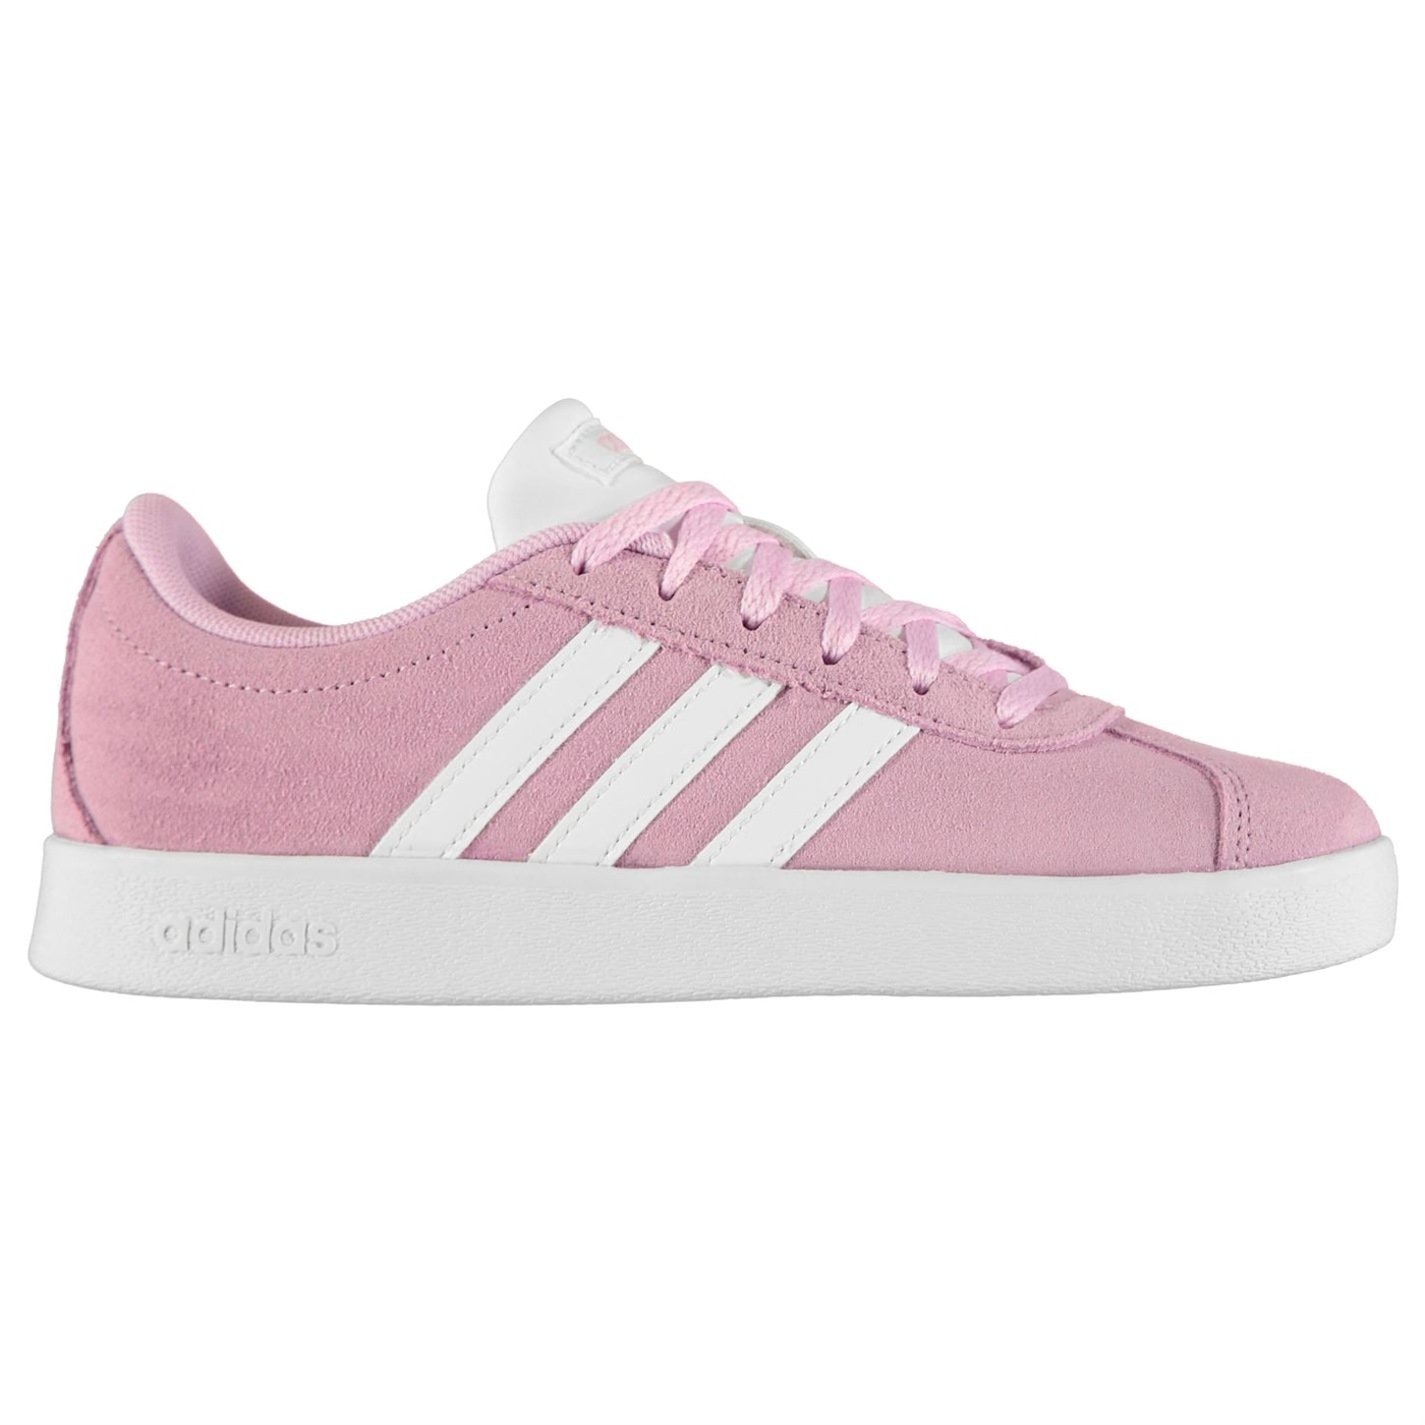 Adidas VL Court Suede Junior Girls Trainers